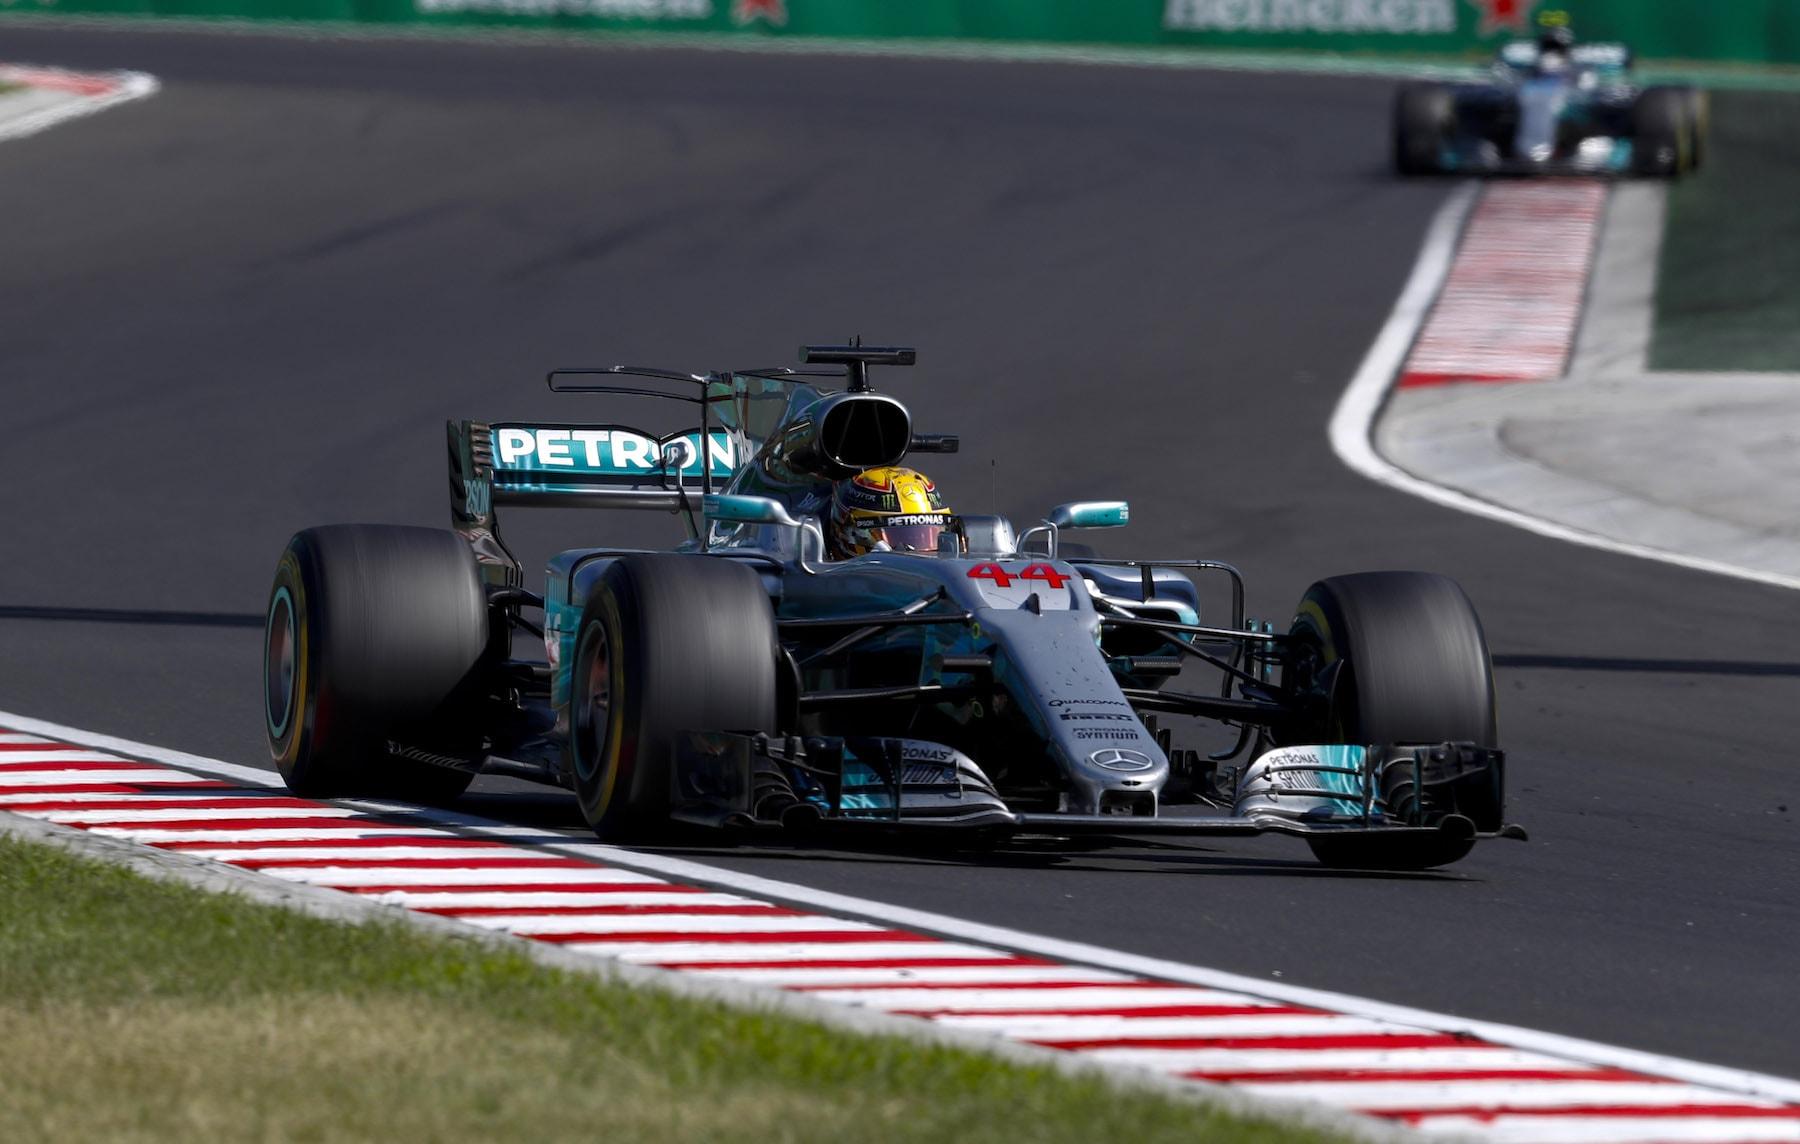 N 2017 Lewis Hamilton | Mercedes W08 | 2017 Hungarian GP P4 2 copy.jpg